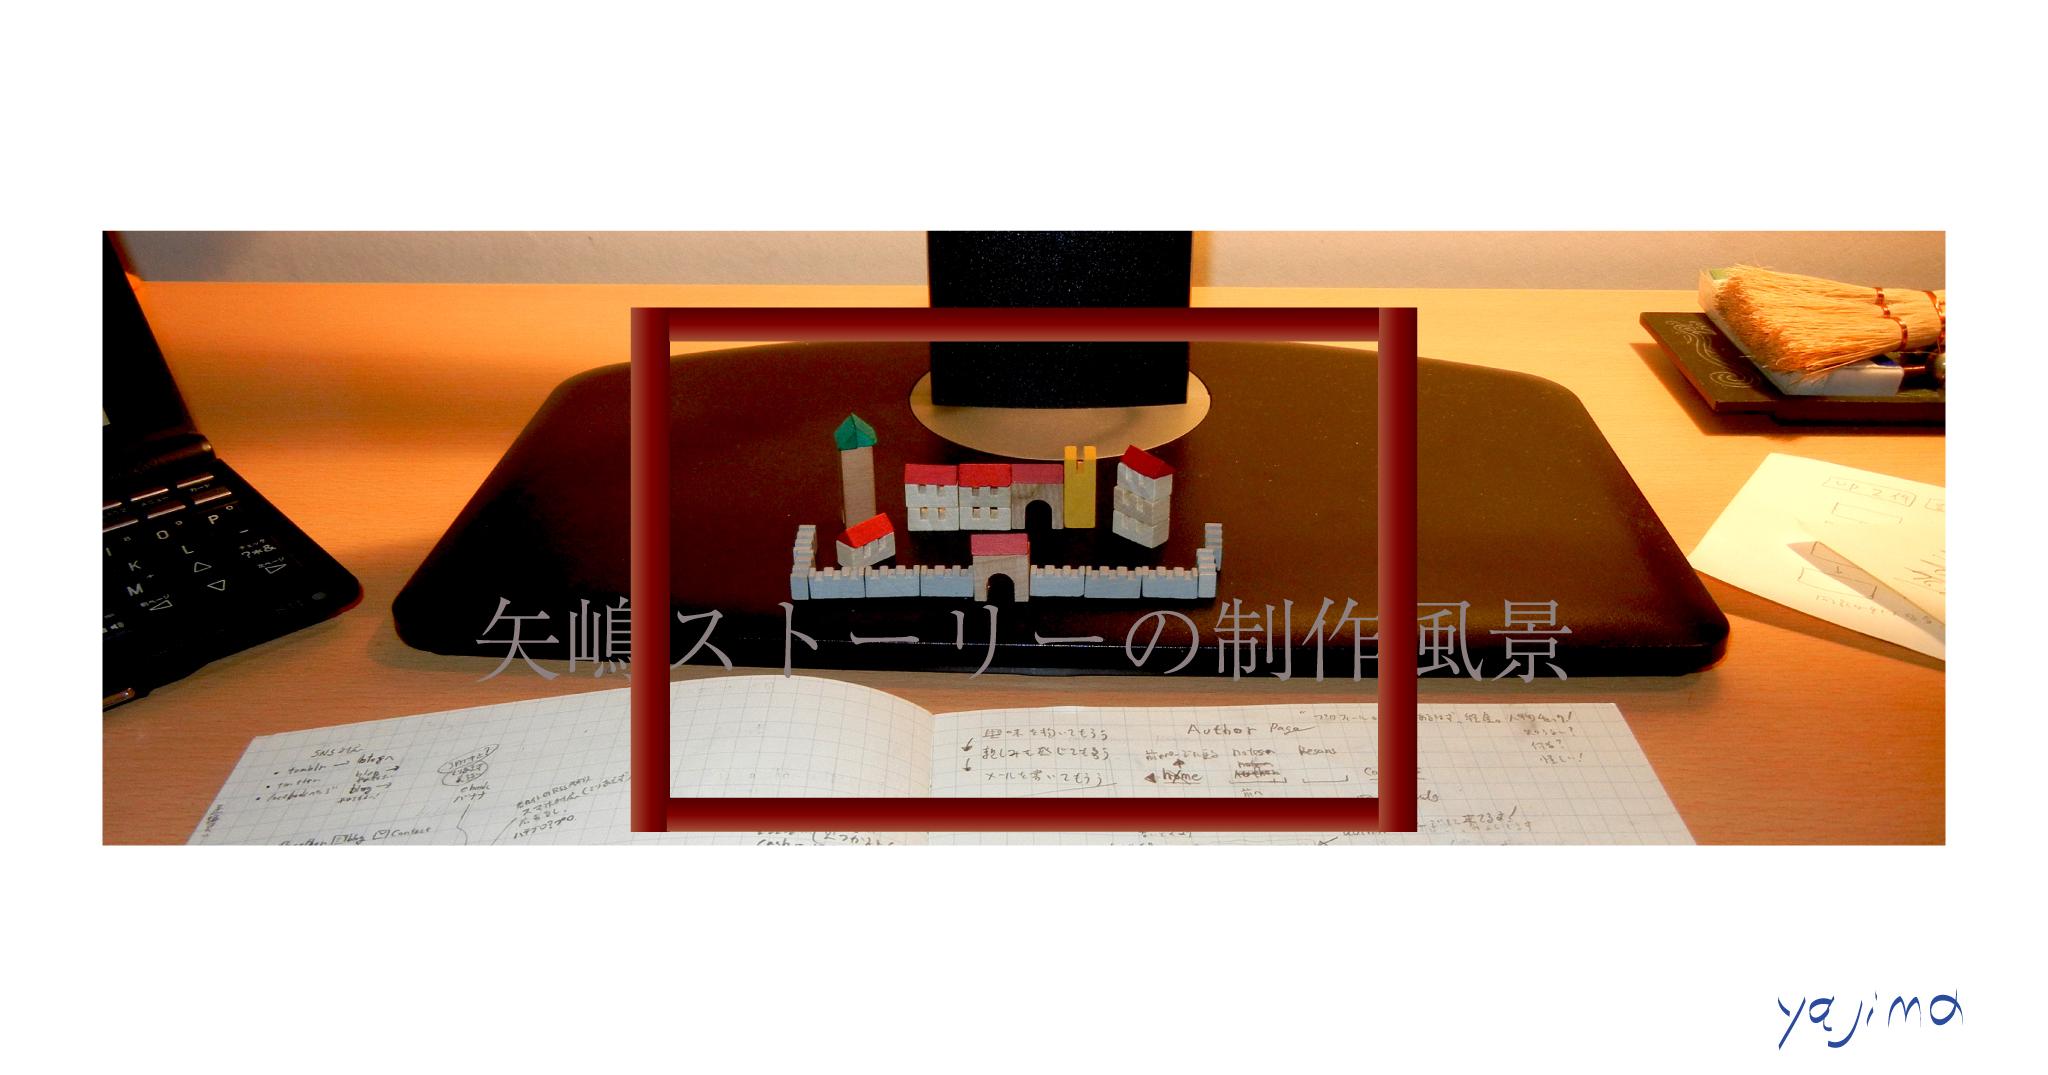 木枠の額縁の中に「矢嶋ストーリーの制作風景」の文字。その後ろに小さな積み木。中世の街の風景。